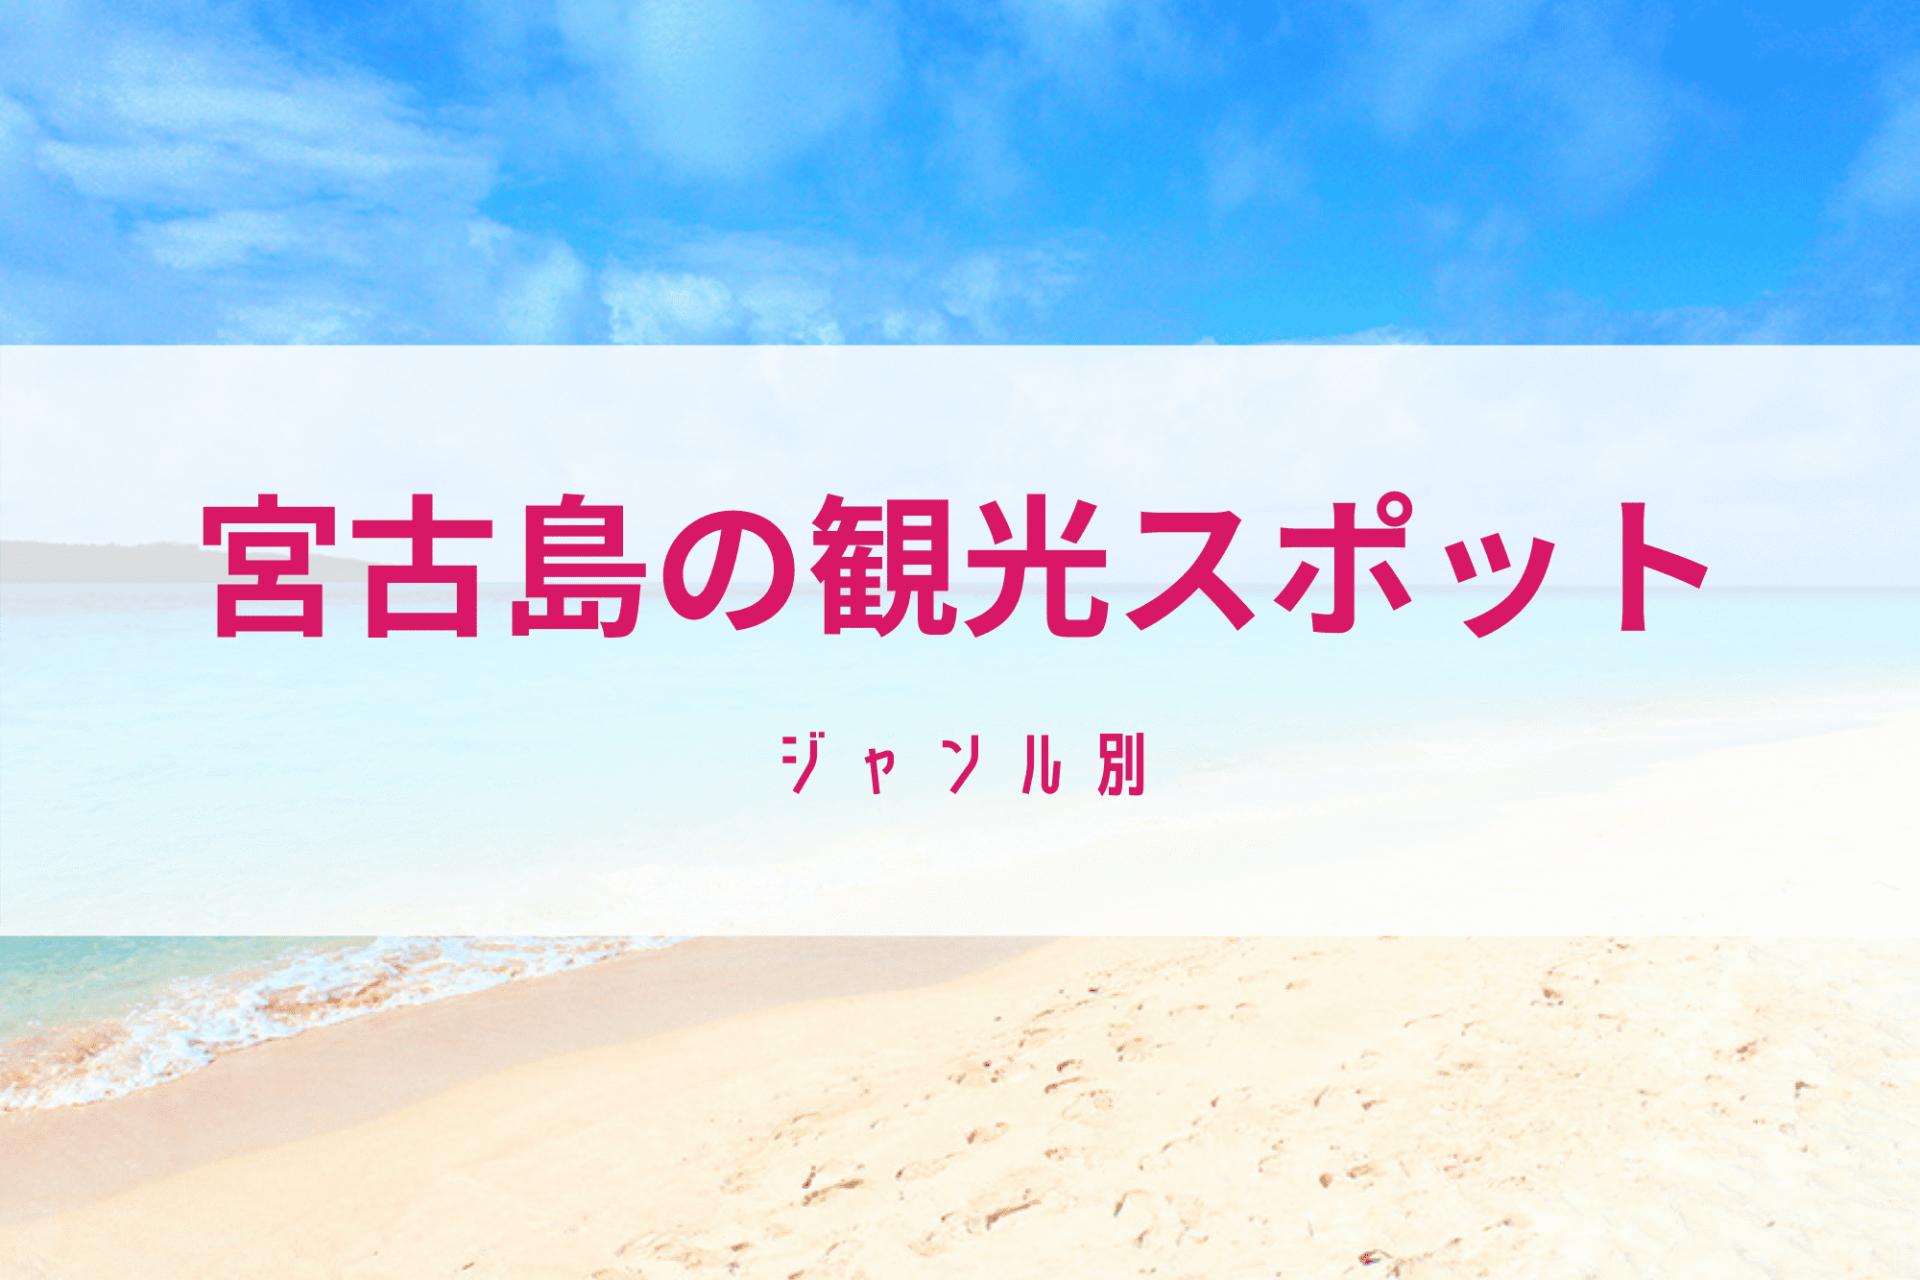 宮古島 観光 スポット おすすめ 沖縄 旅行